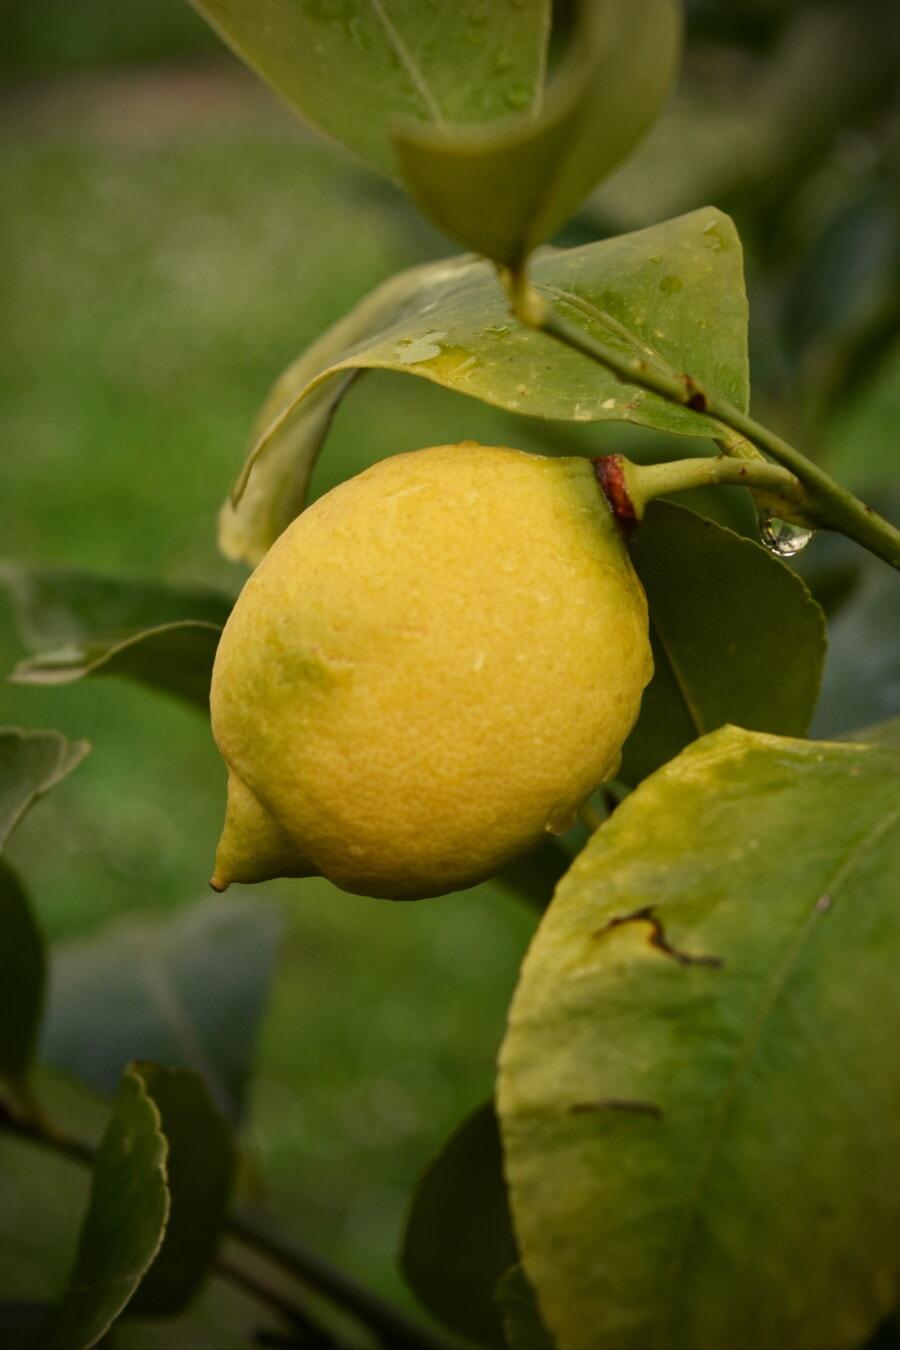 Bäume, Zitrone, Obst, Obstbaum, aus nächster Nähe, Landwirtschaft, grüne Blätter, Geäst, Essen, Produkte